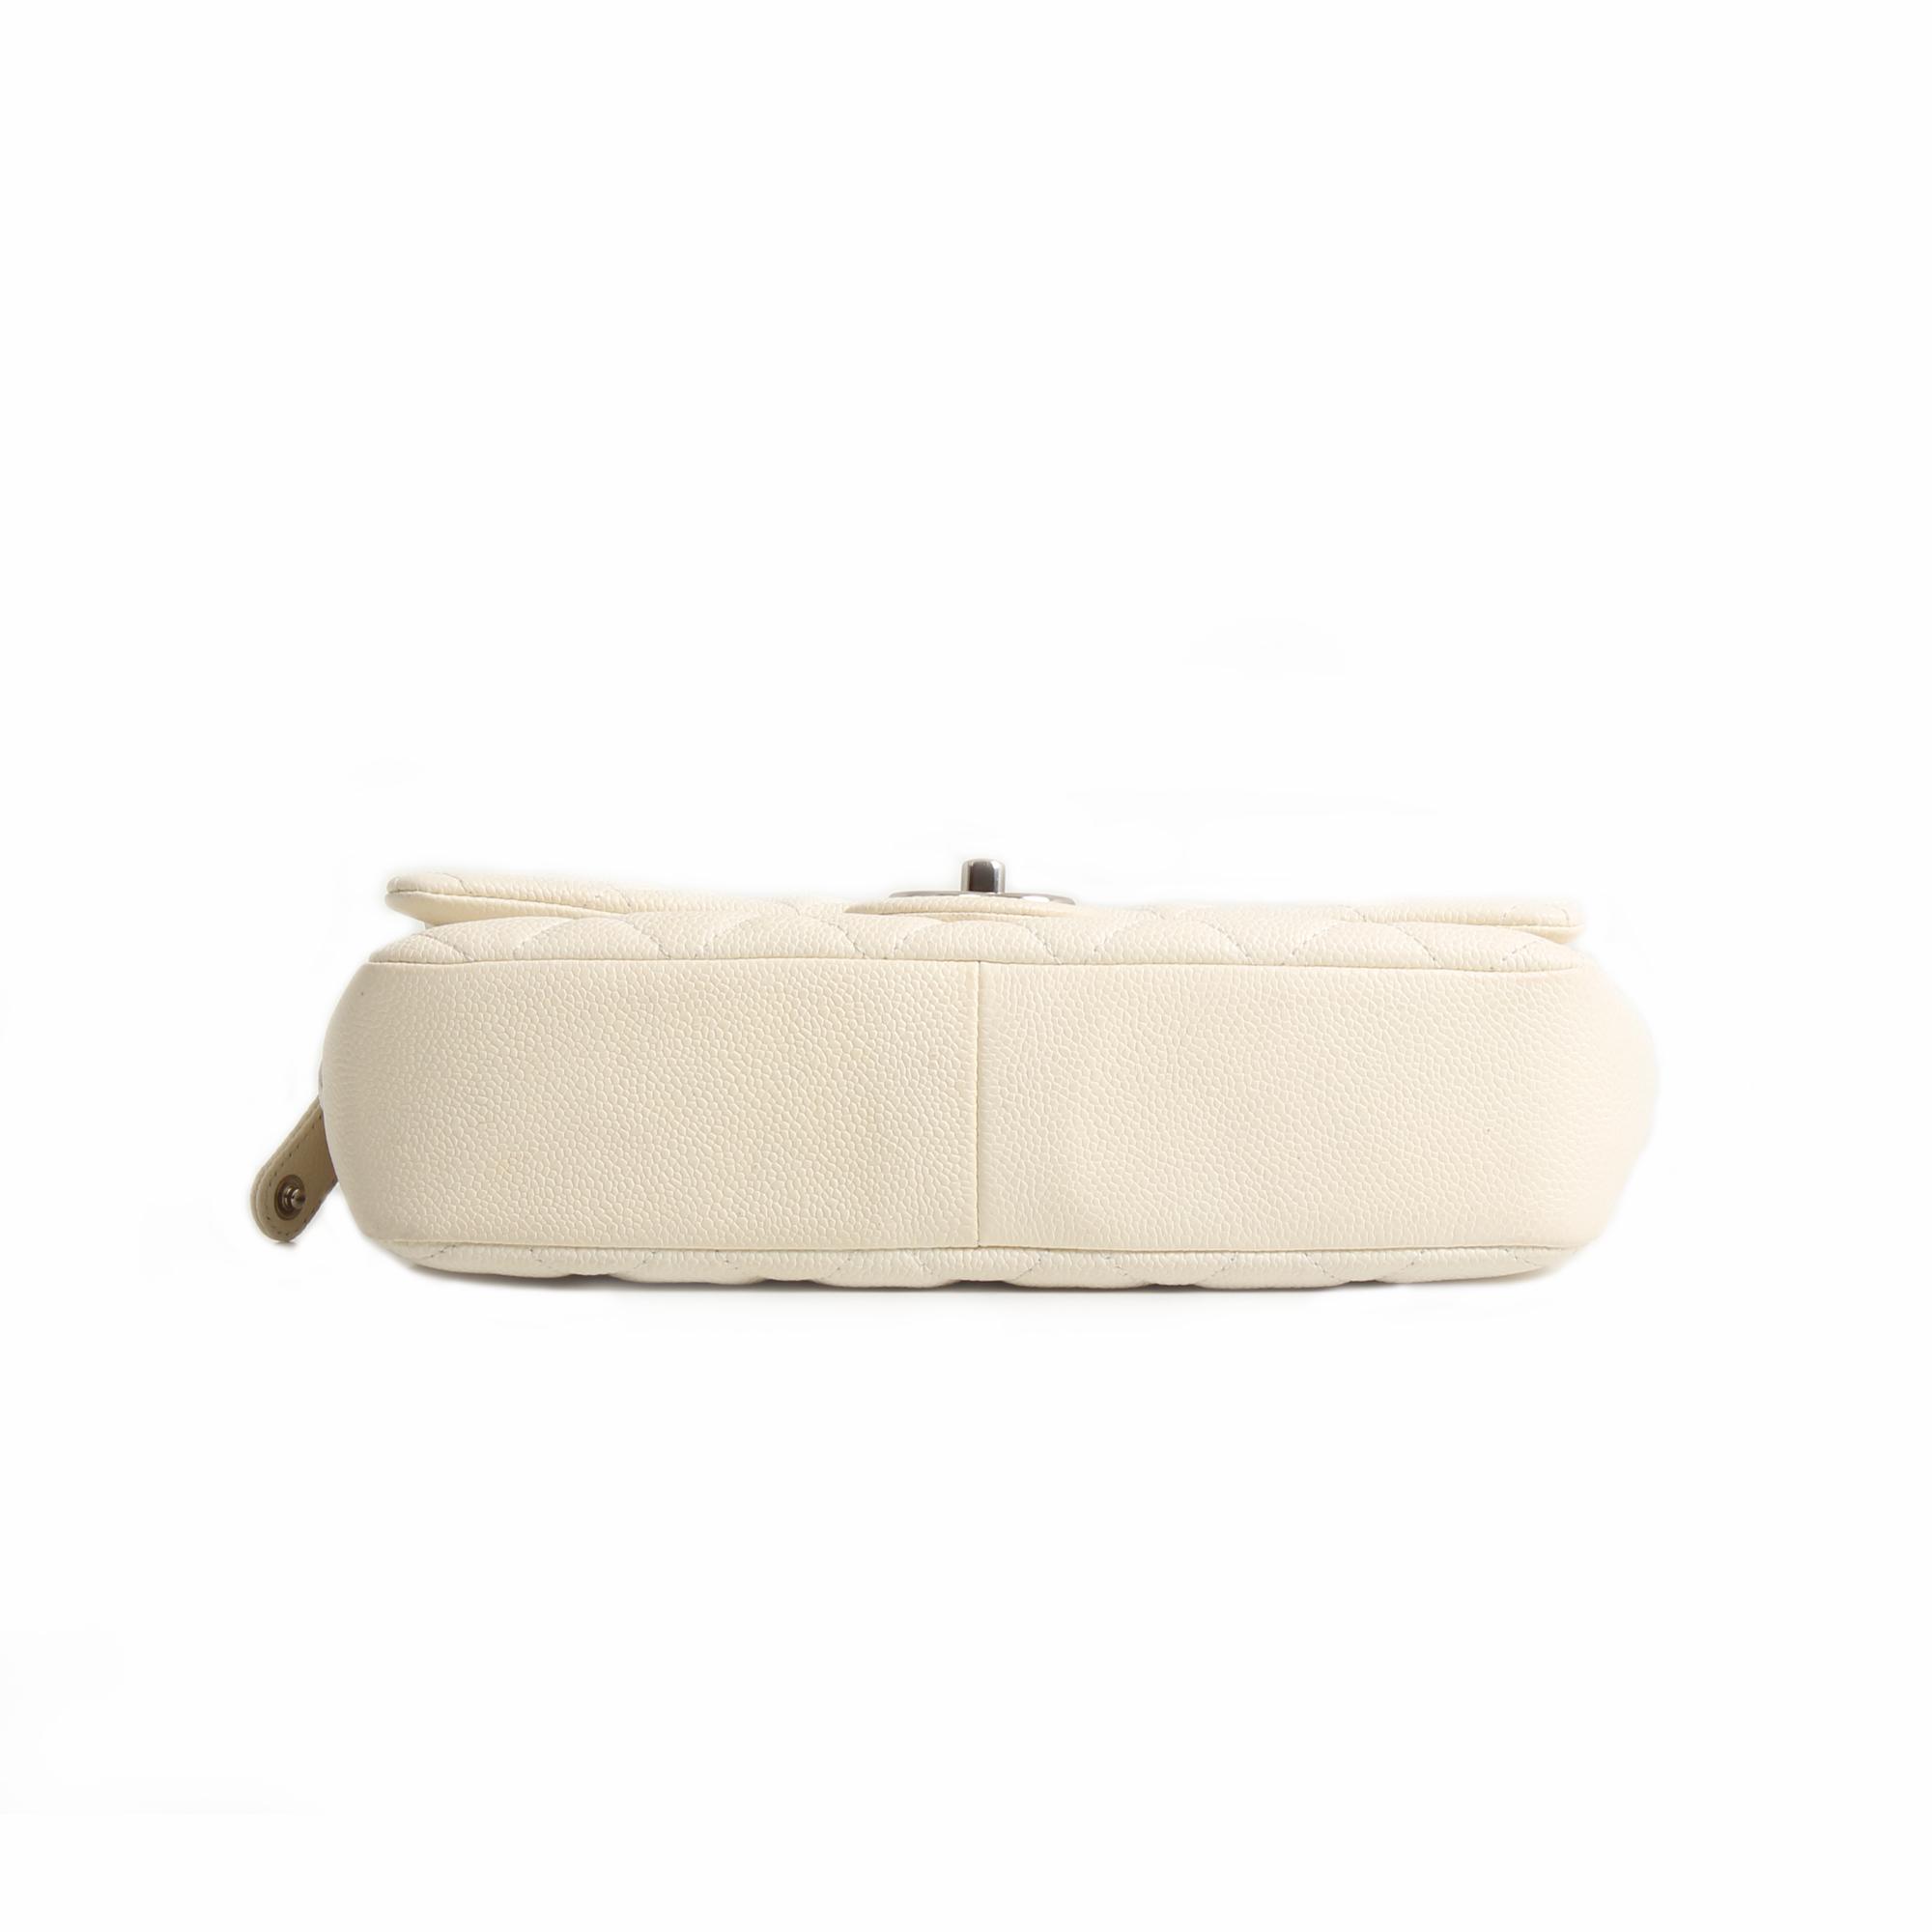 bolso chanel easy zip mediano piel caviar blanca base